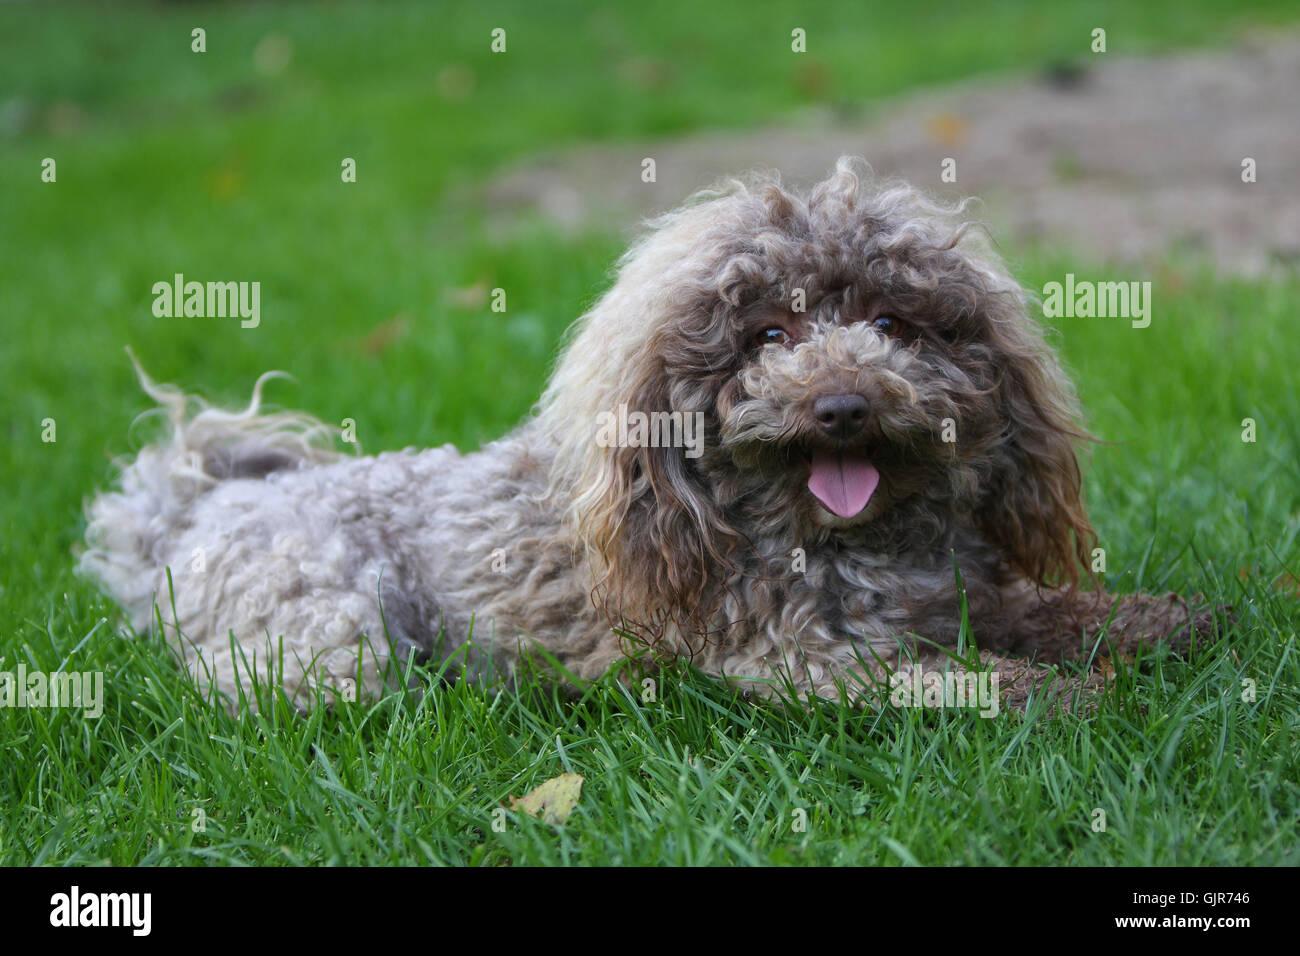 dog breed male dog - Stock Image